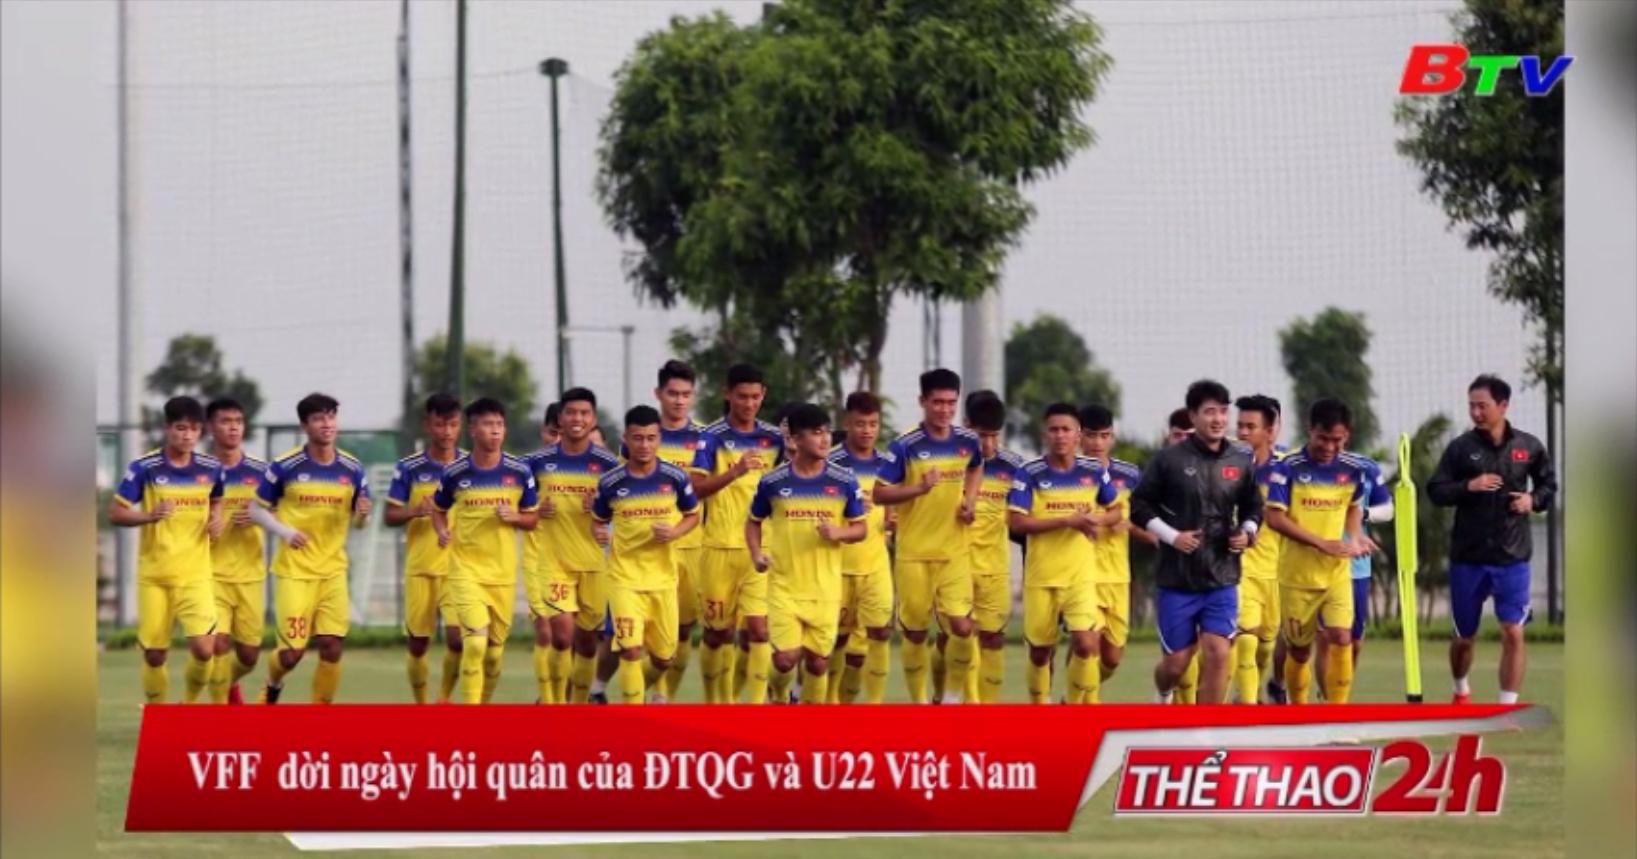 VFF dời ngày hội quân của ĐTQG và U22 Việt Nam